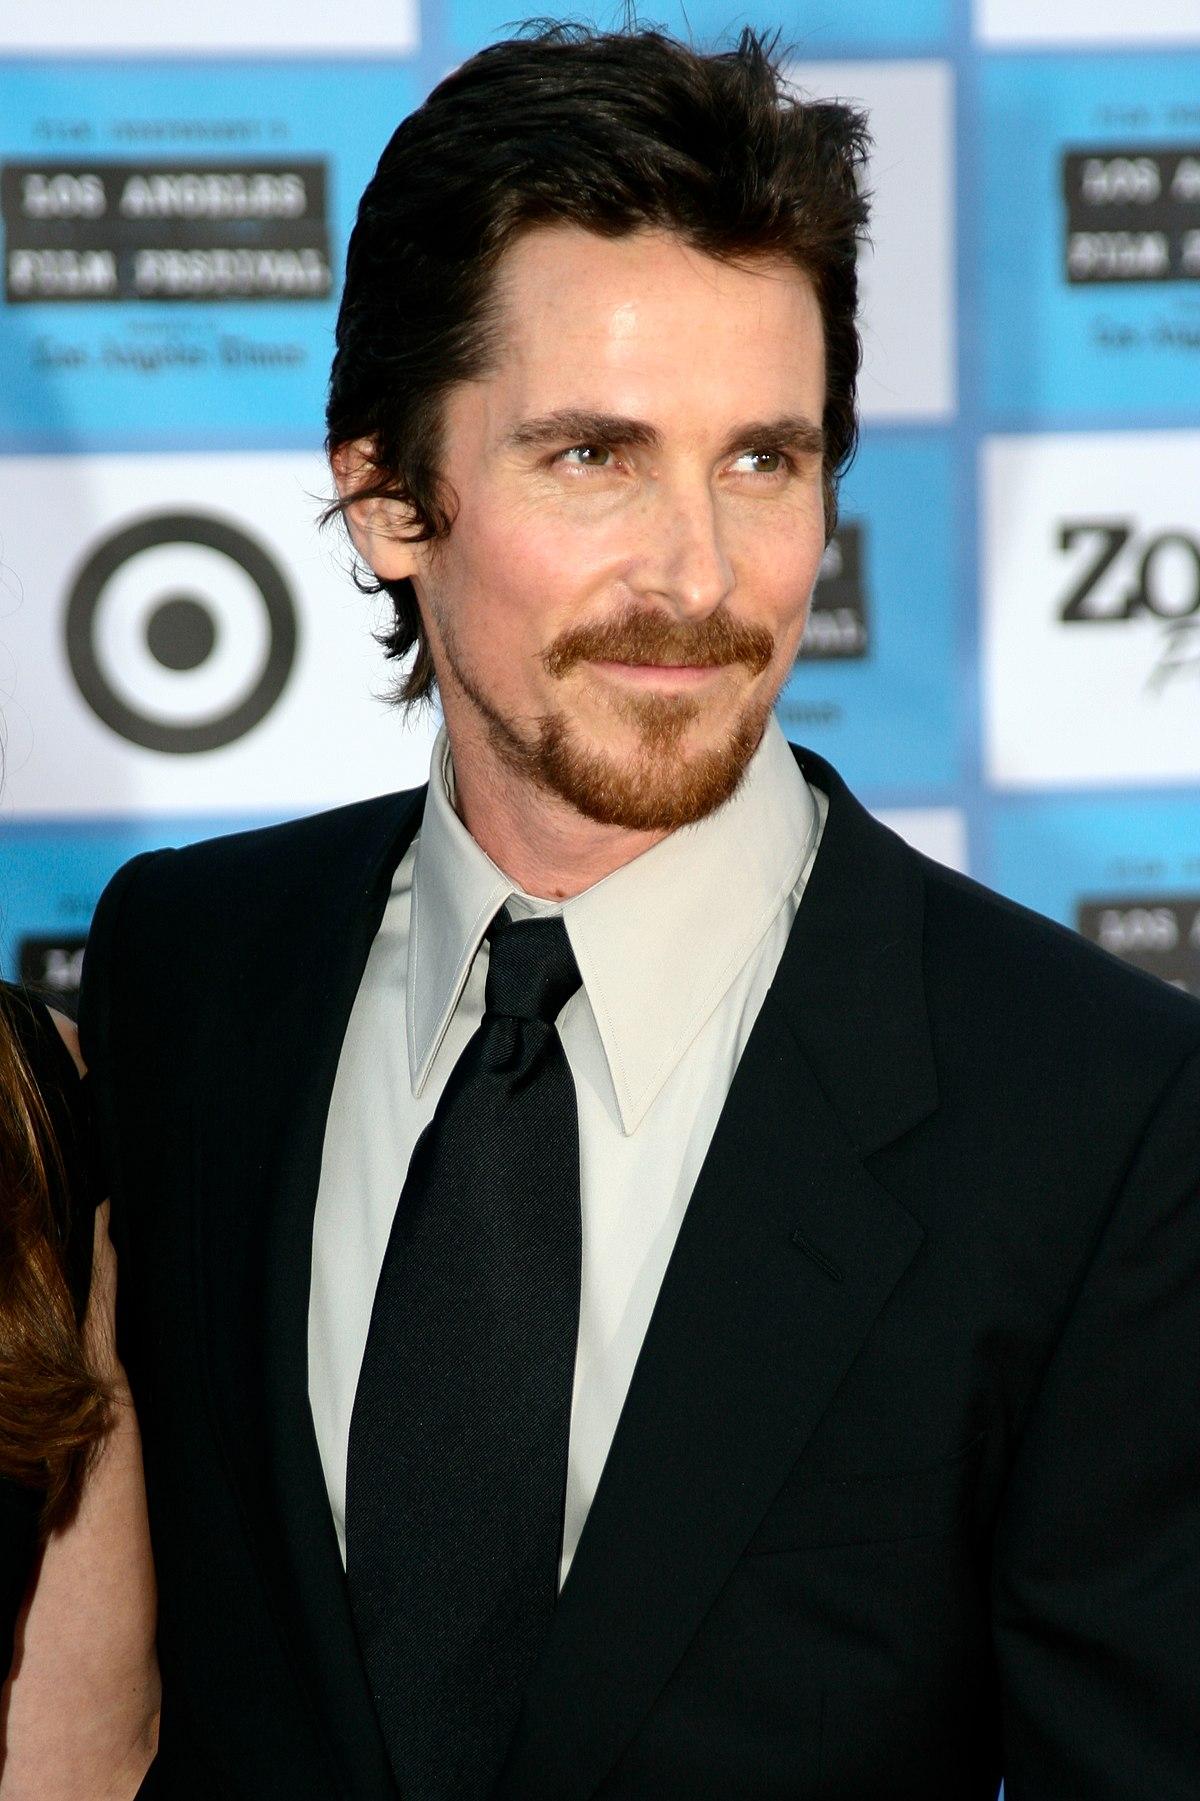 Christian Bale - Wikipedia, la enciclopedia libre Christian Bale